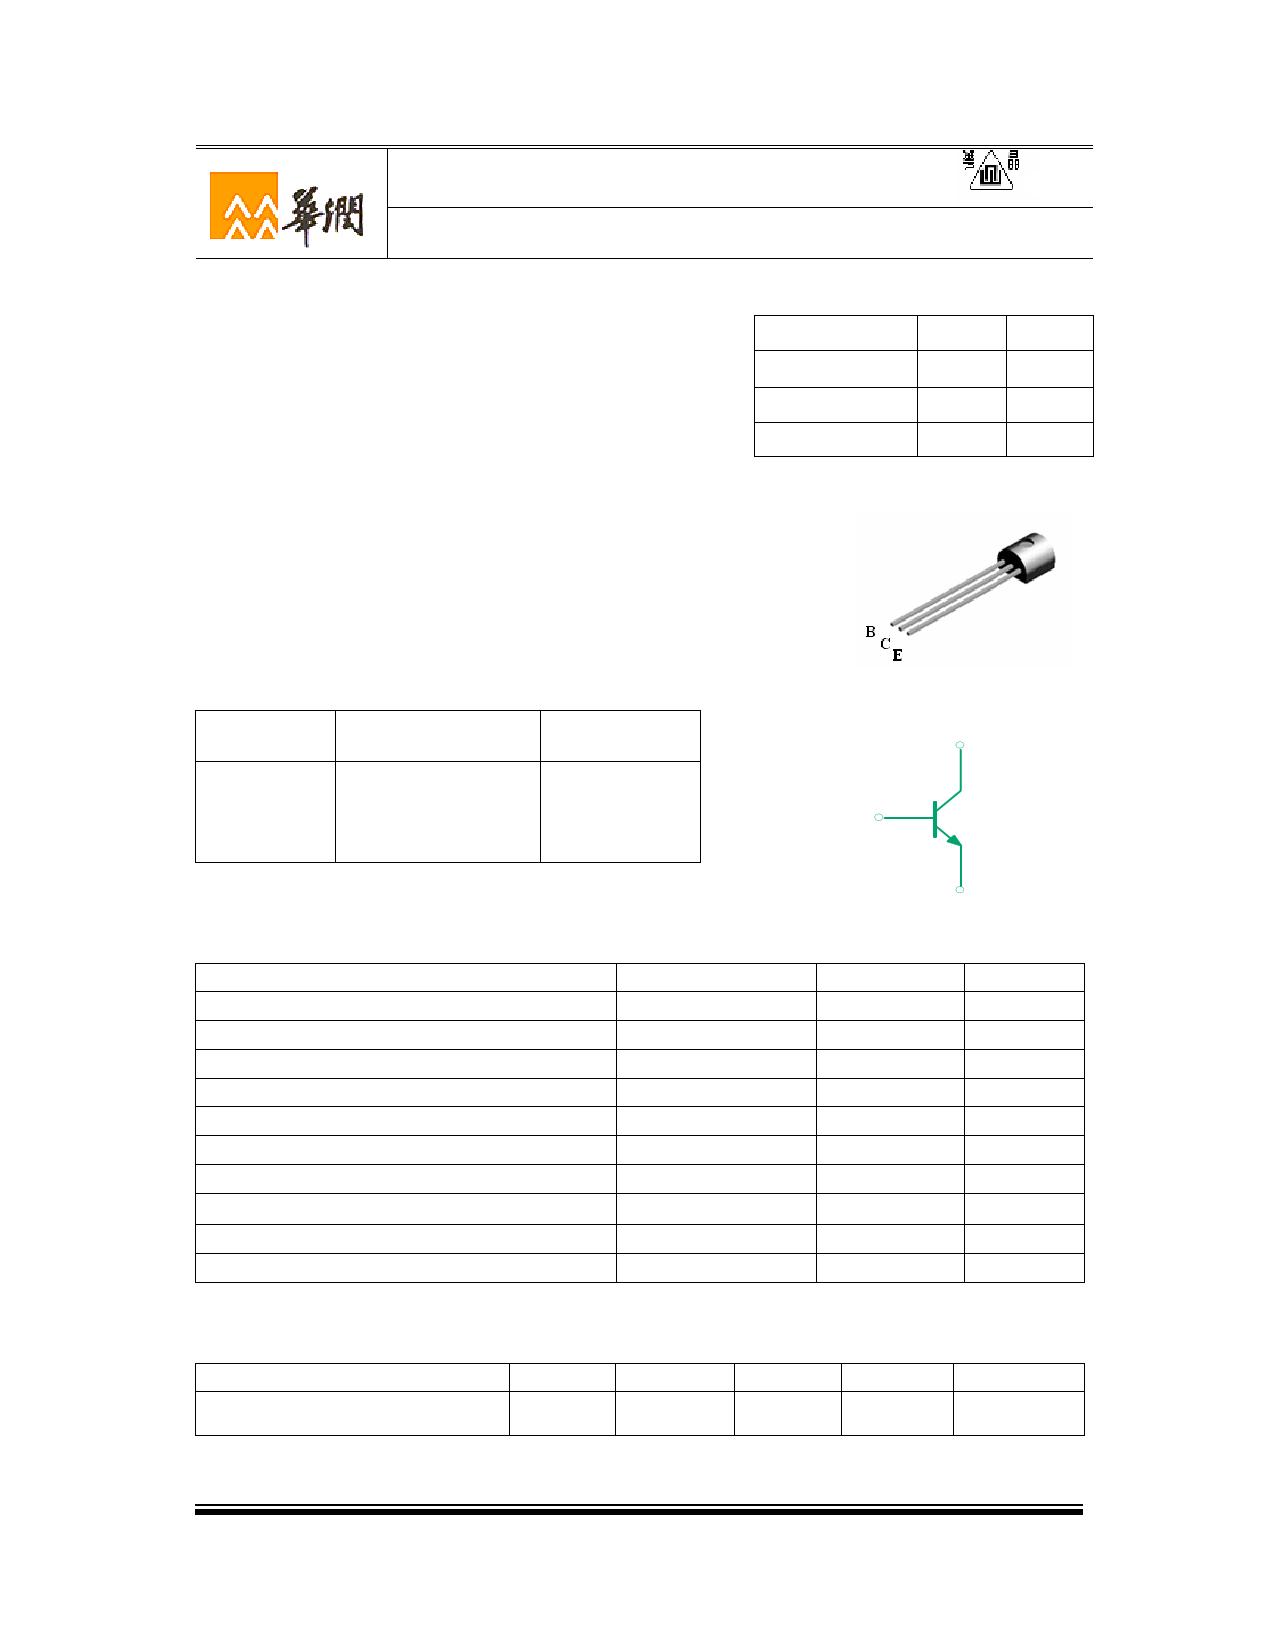 3DG3001A1-H Datasheet, 3DG3001A1-H PDF,ピン配置, 機能